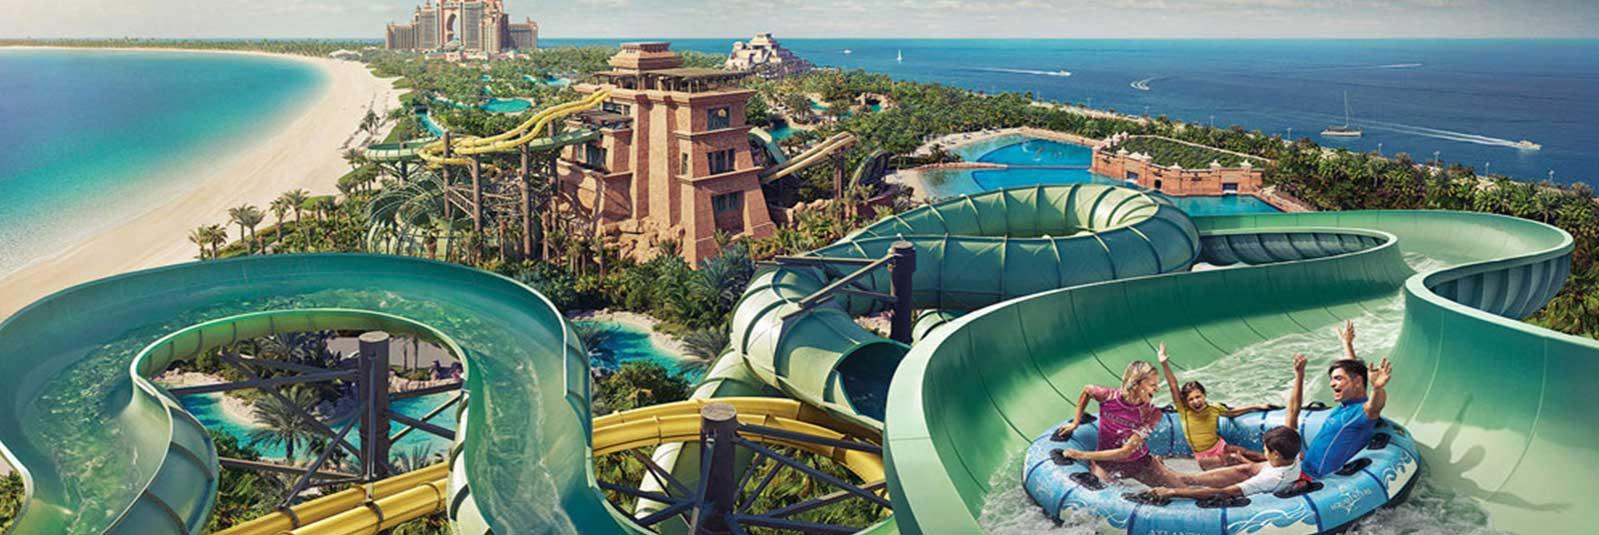 Atlantis-Aquaventure-Dubai.jpg